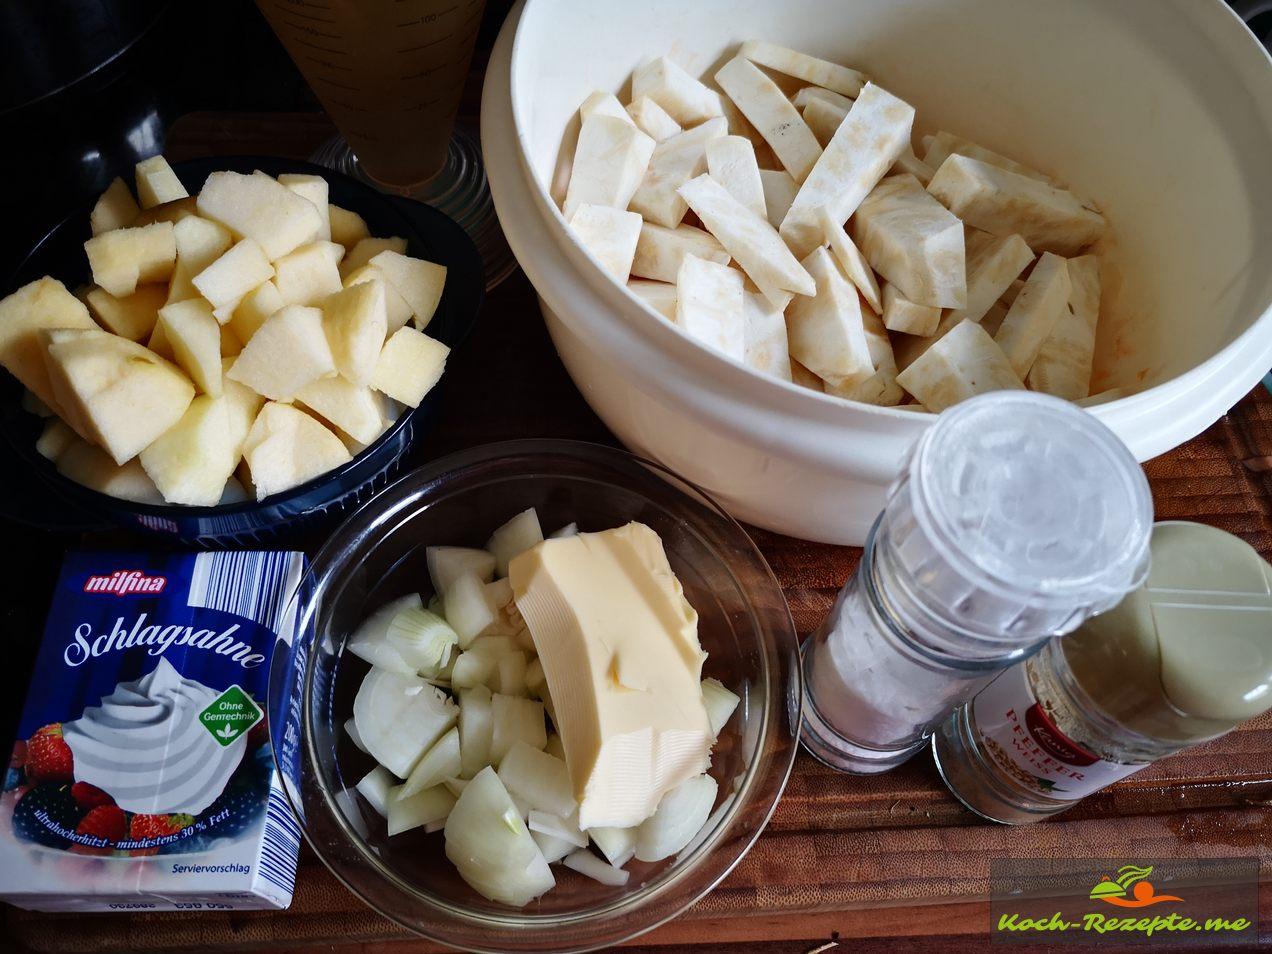 Zutaten Für Sellerie-Apfel Suppe